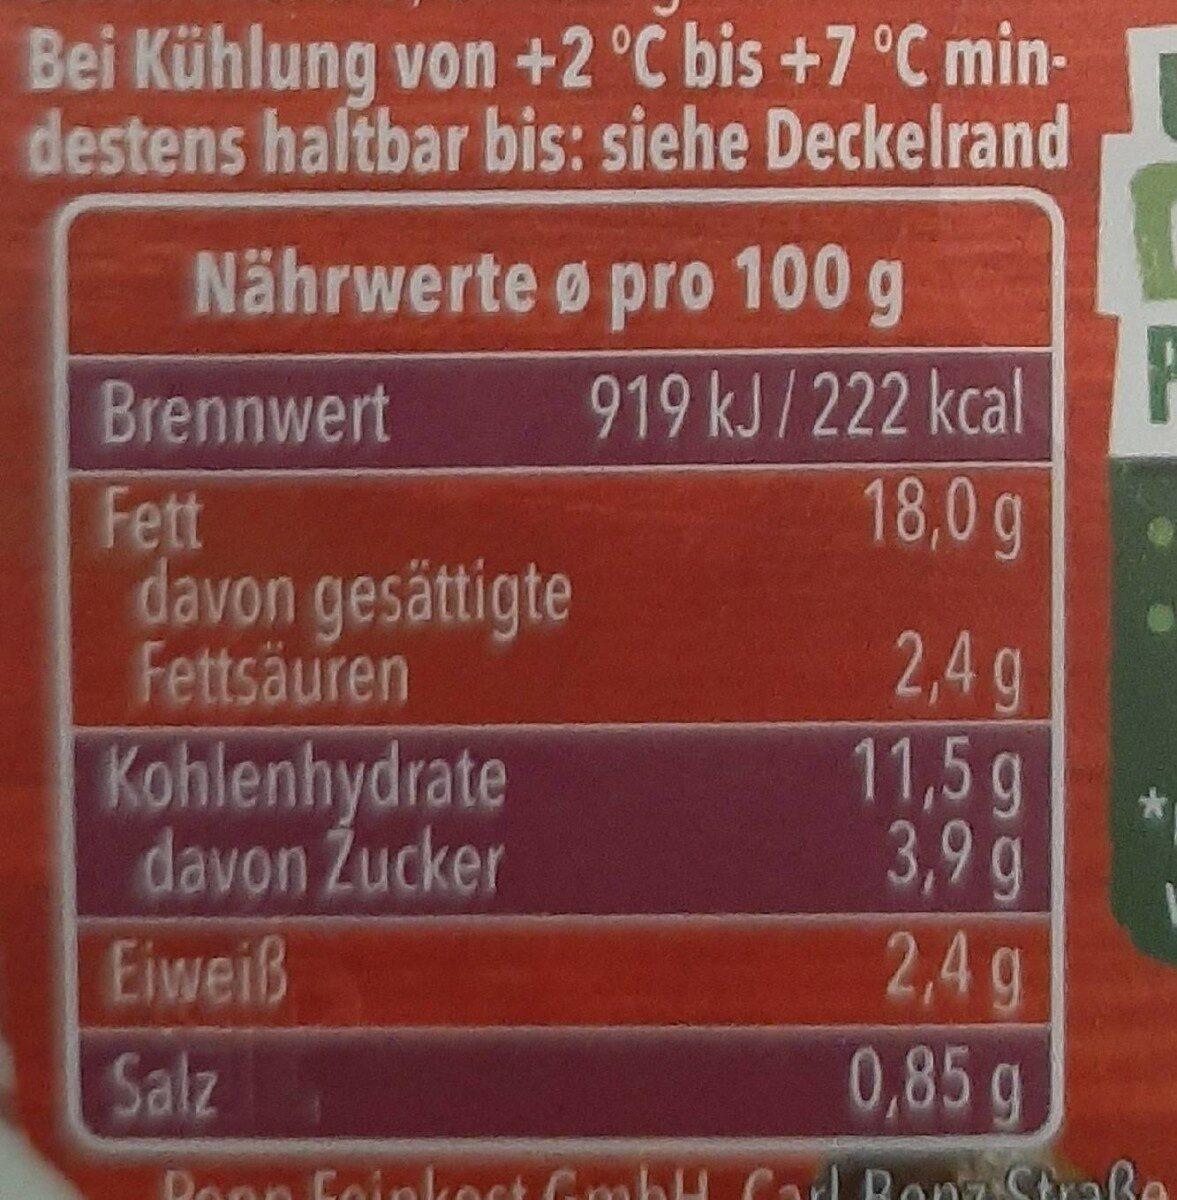 Kartoffelsalat sächsische Art - Nutrition facts - de